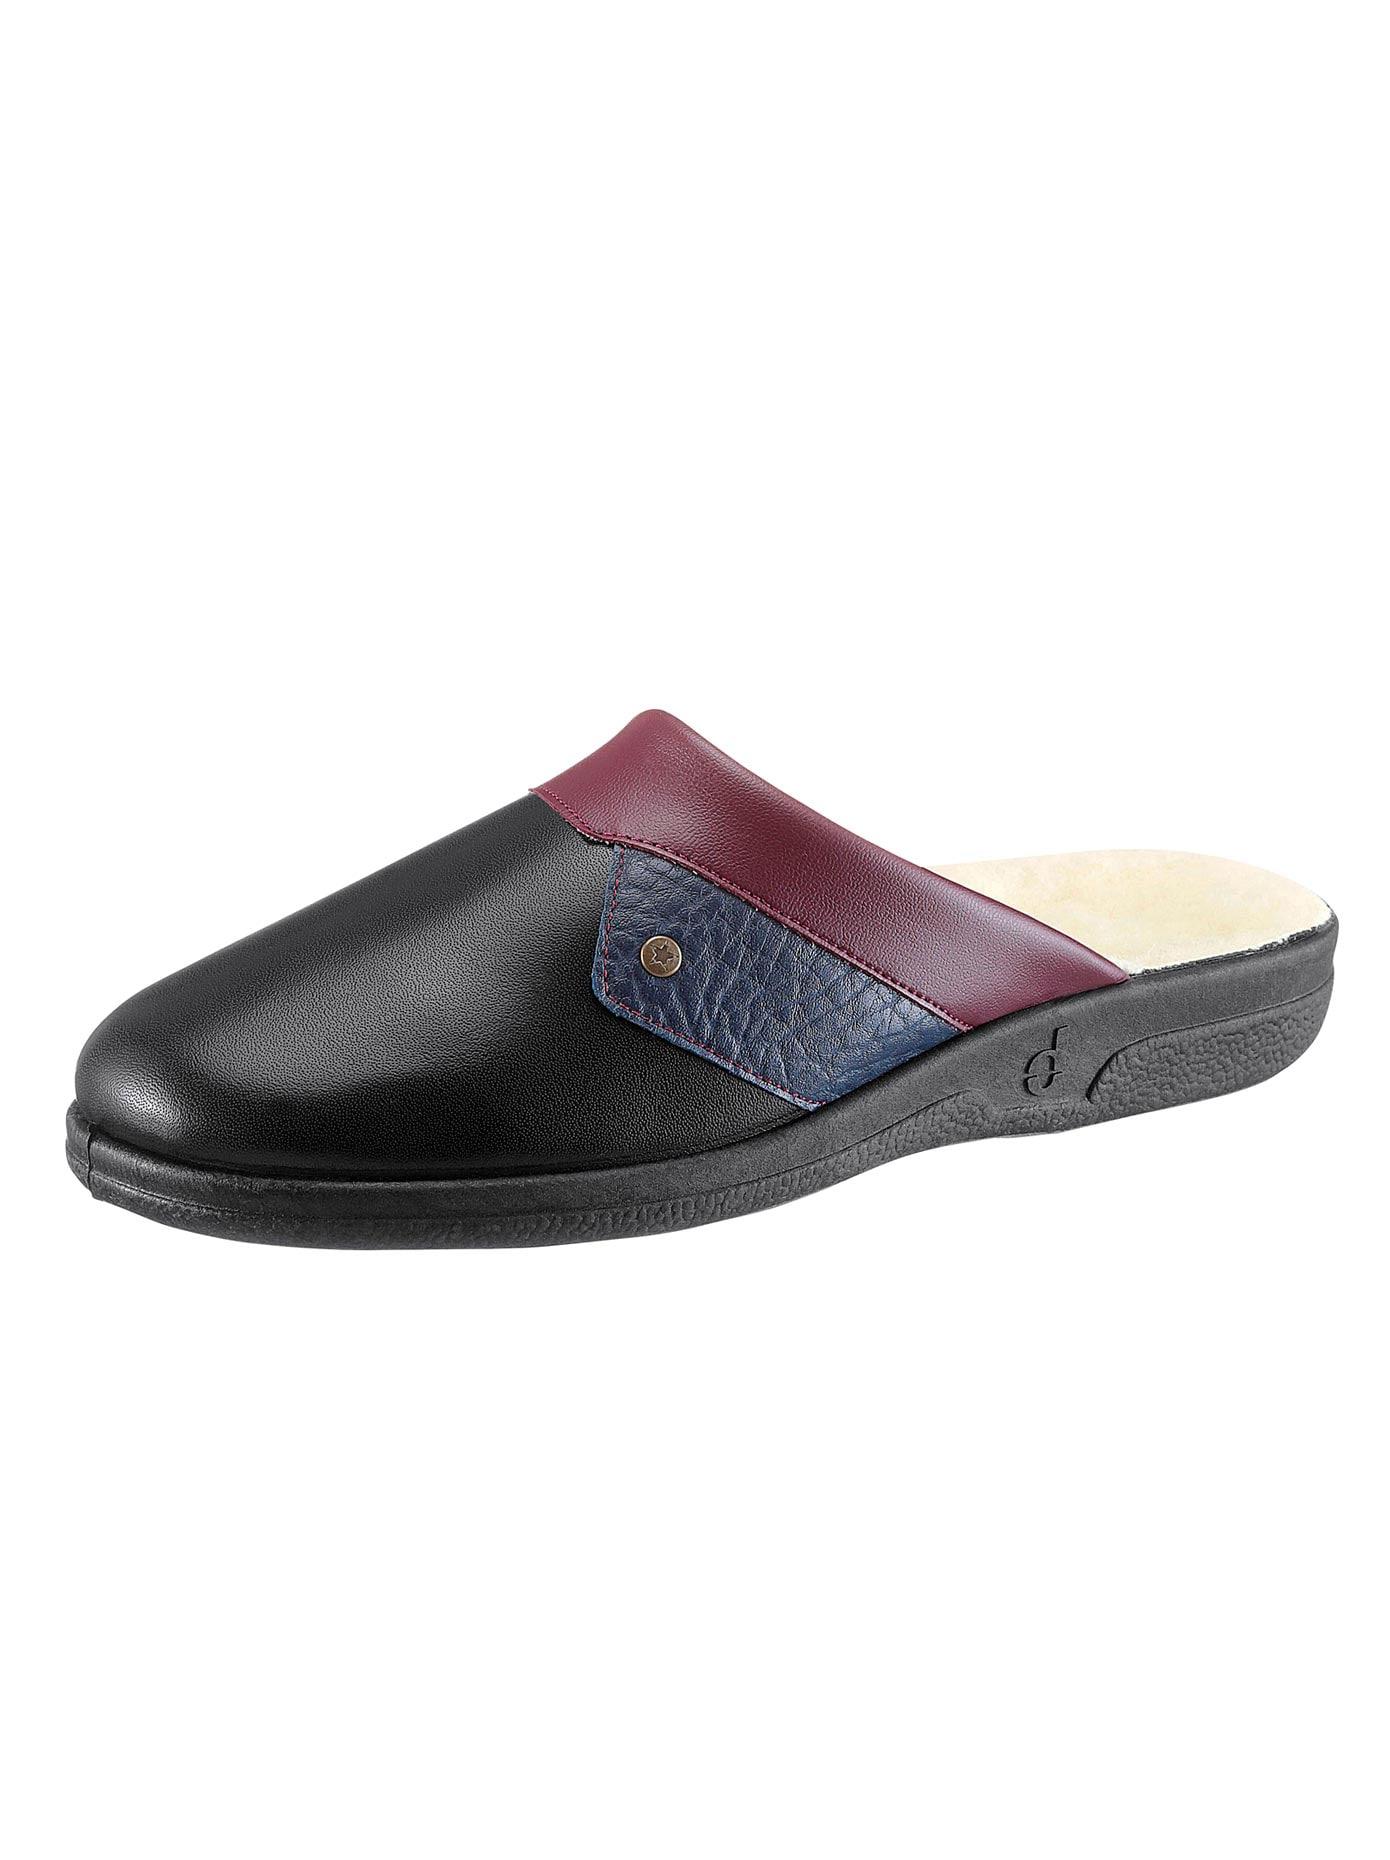 Leder-Pantoffel, Intra | Schuhe > Hausschuhe > Pantoffeln | Classic